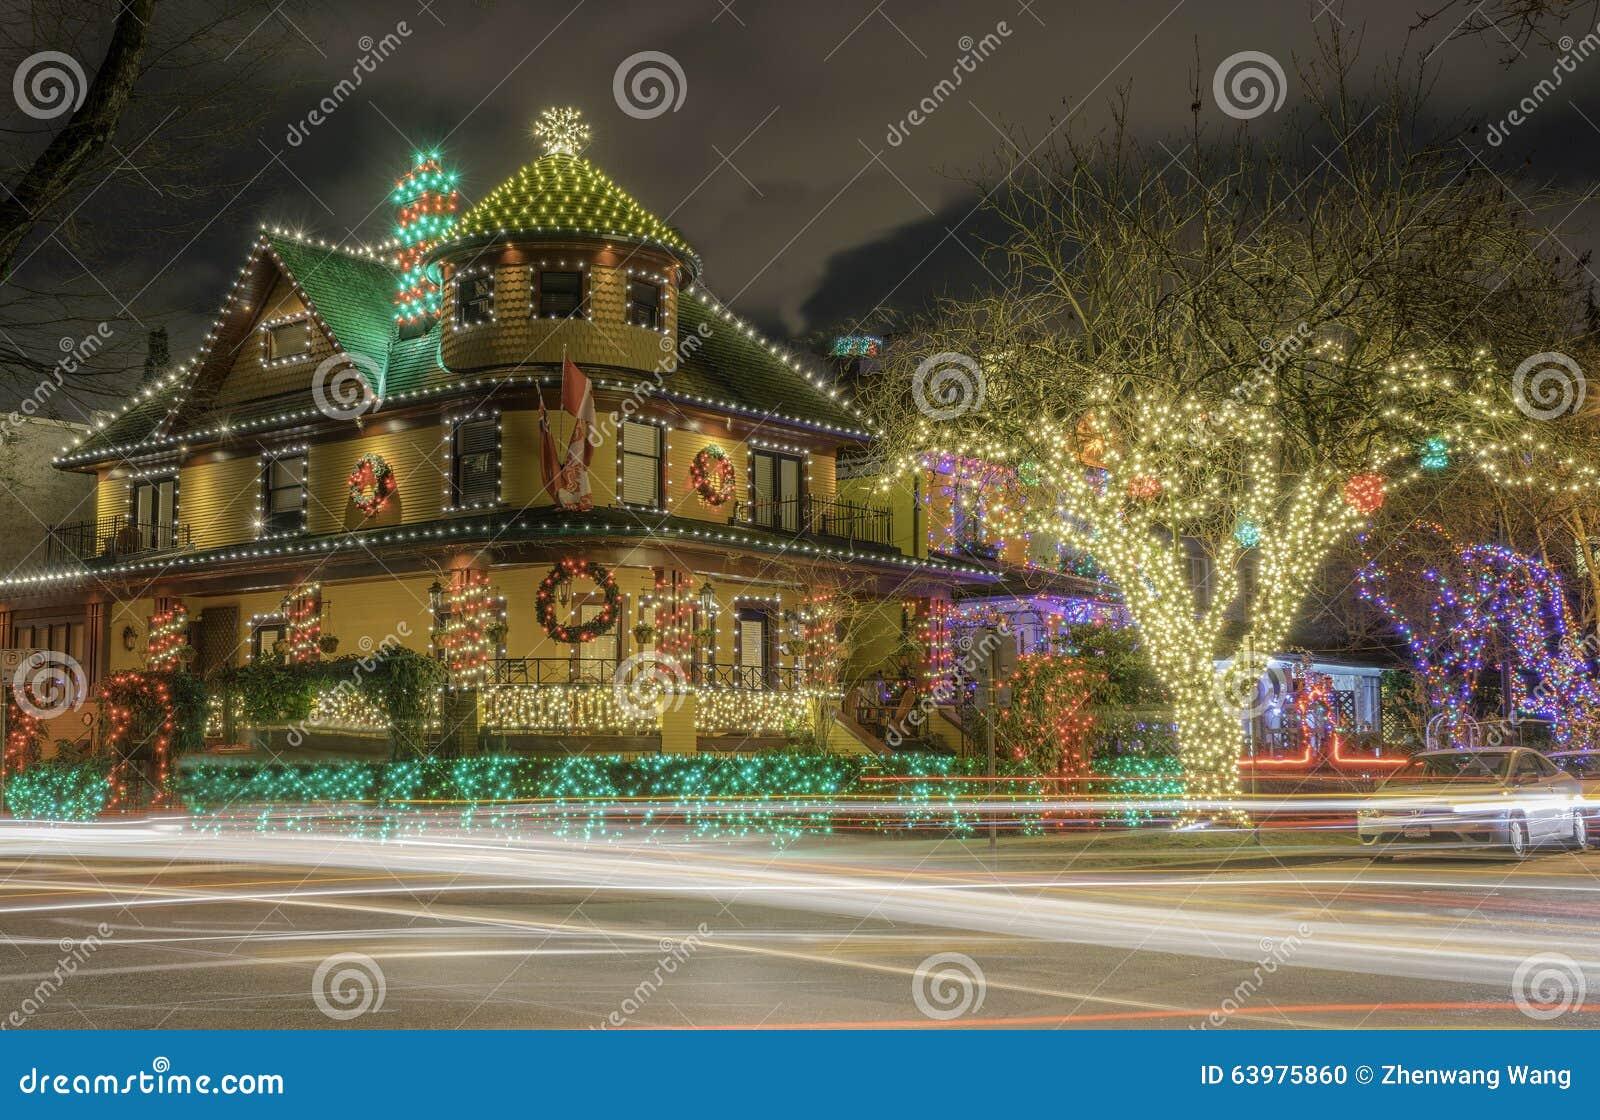 Bożonarodzeniowe światła domowa dekoracja